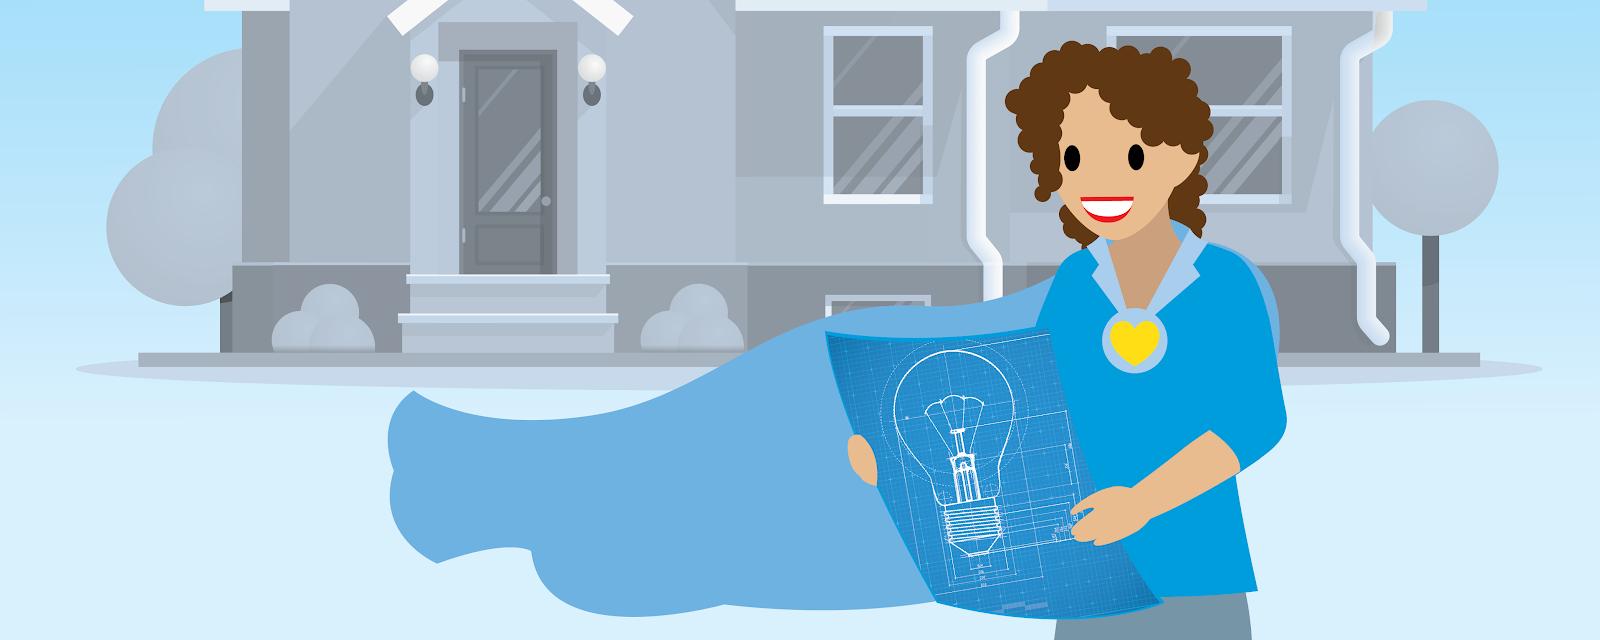 Ilustração de uma mulher de boné que observa um plano com uma casa ao fundo.